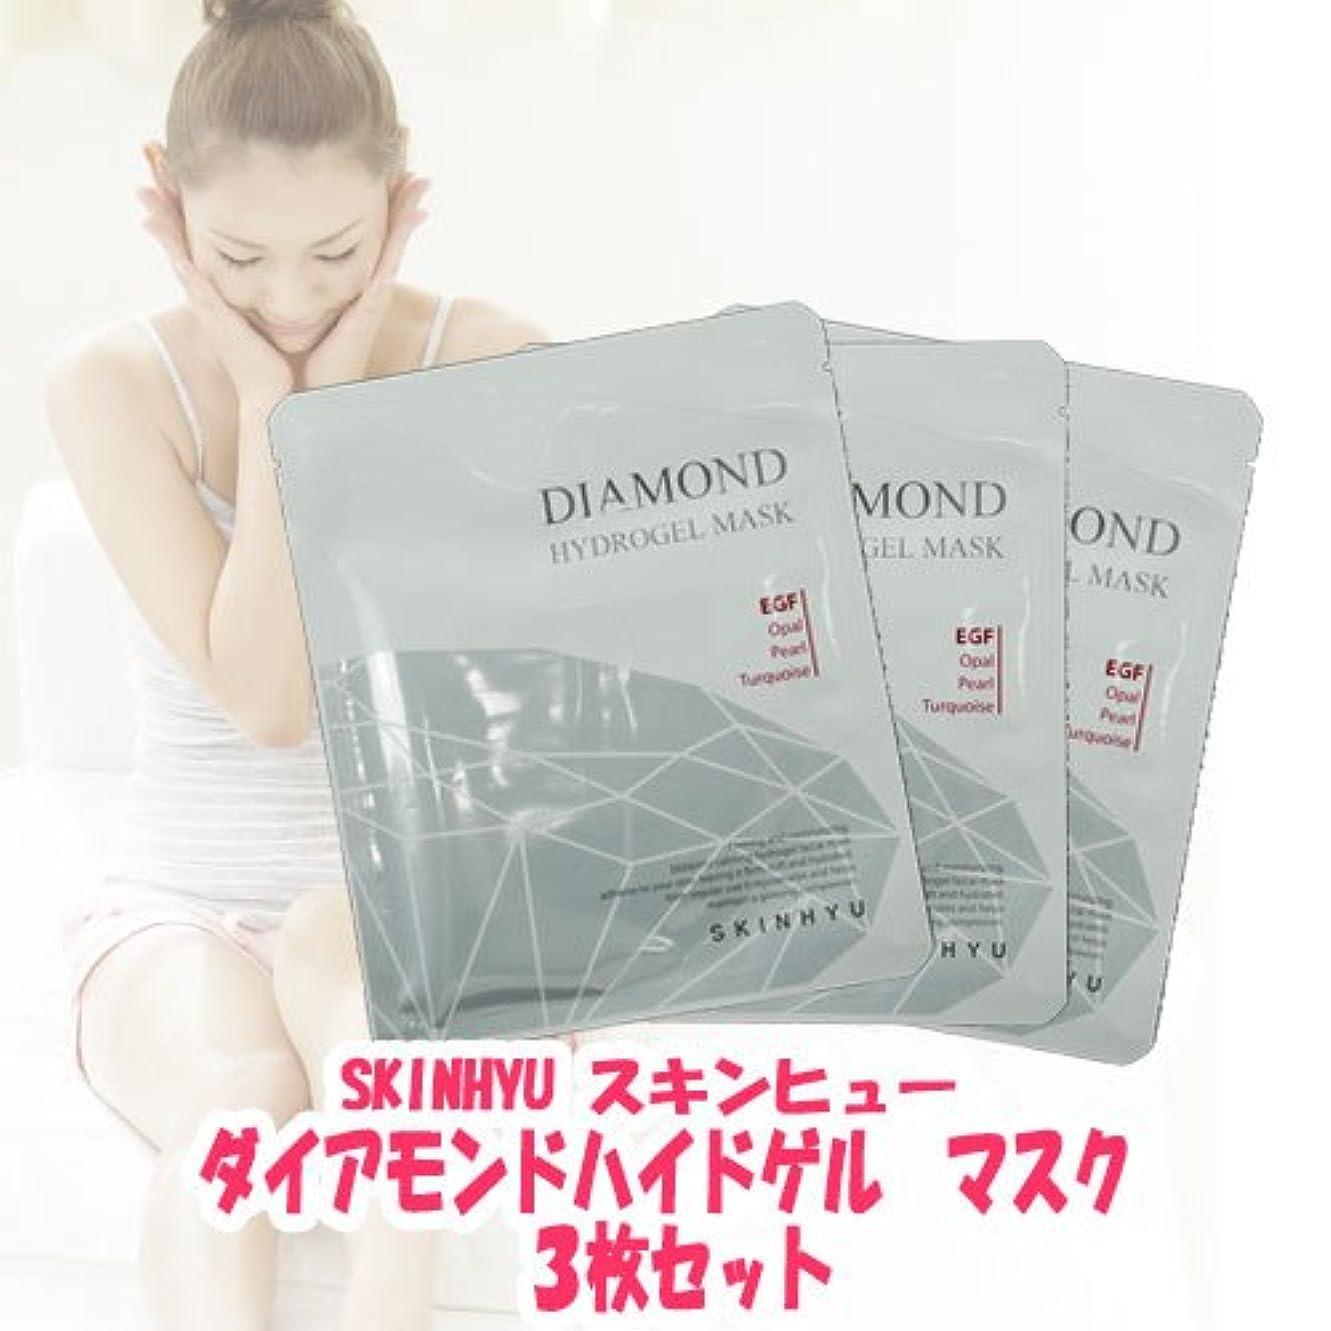 何もないプレミアム揃えるSKINHYU スキンヒュー ダイヤモンドハイドロゲルマスク 3枚セット